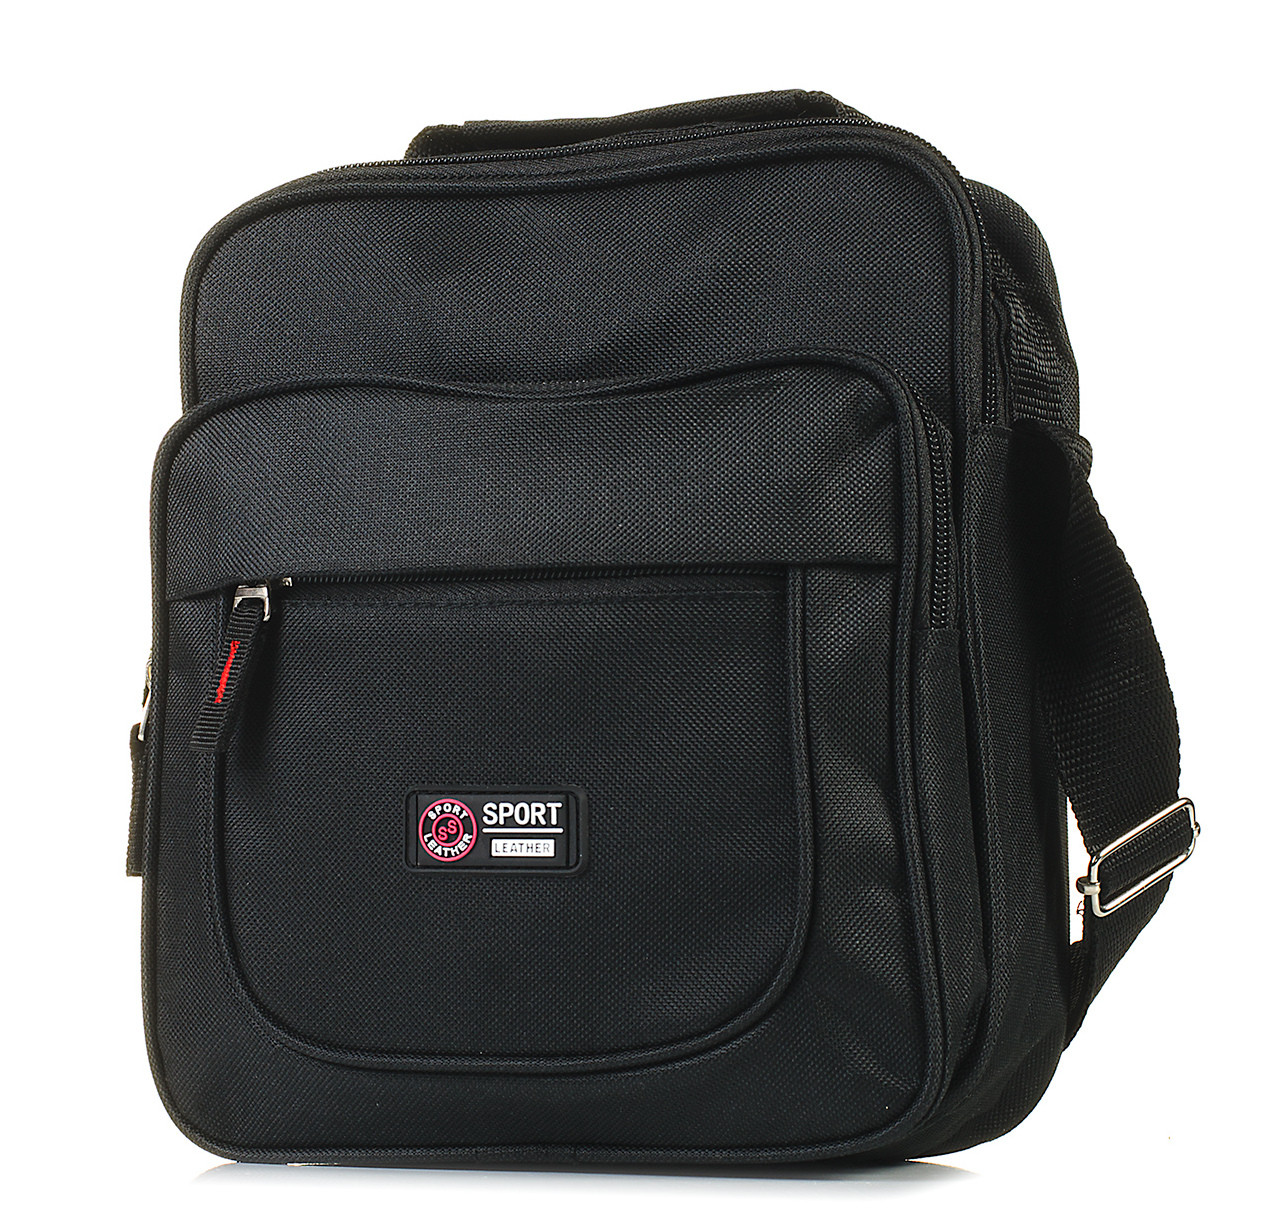 Мужская сумка через плечо BR-S черная 1043340633